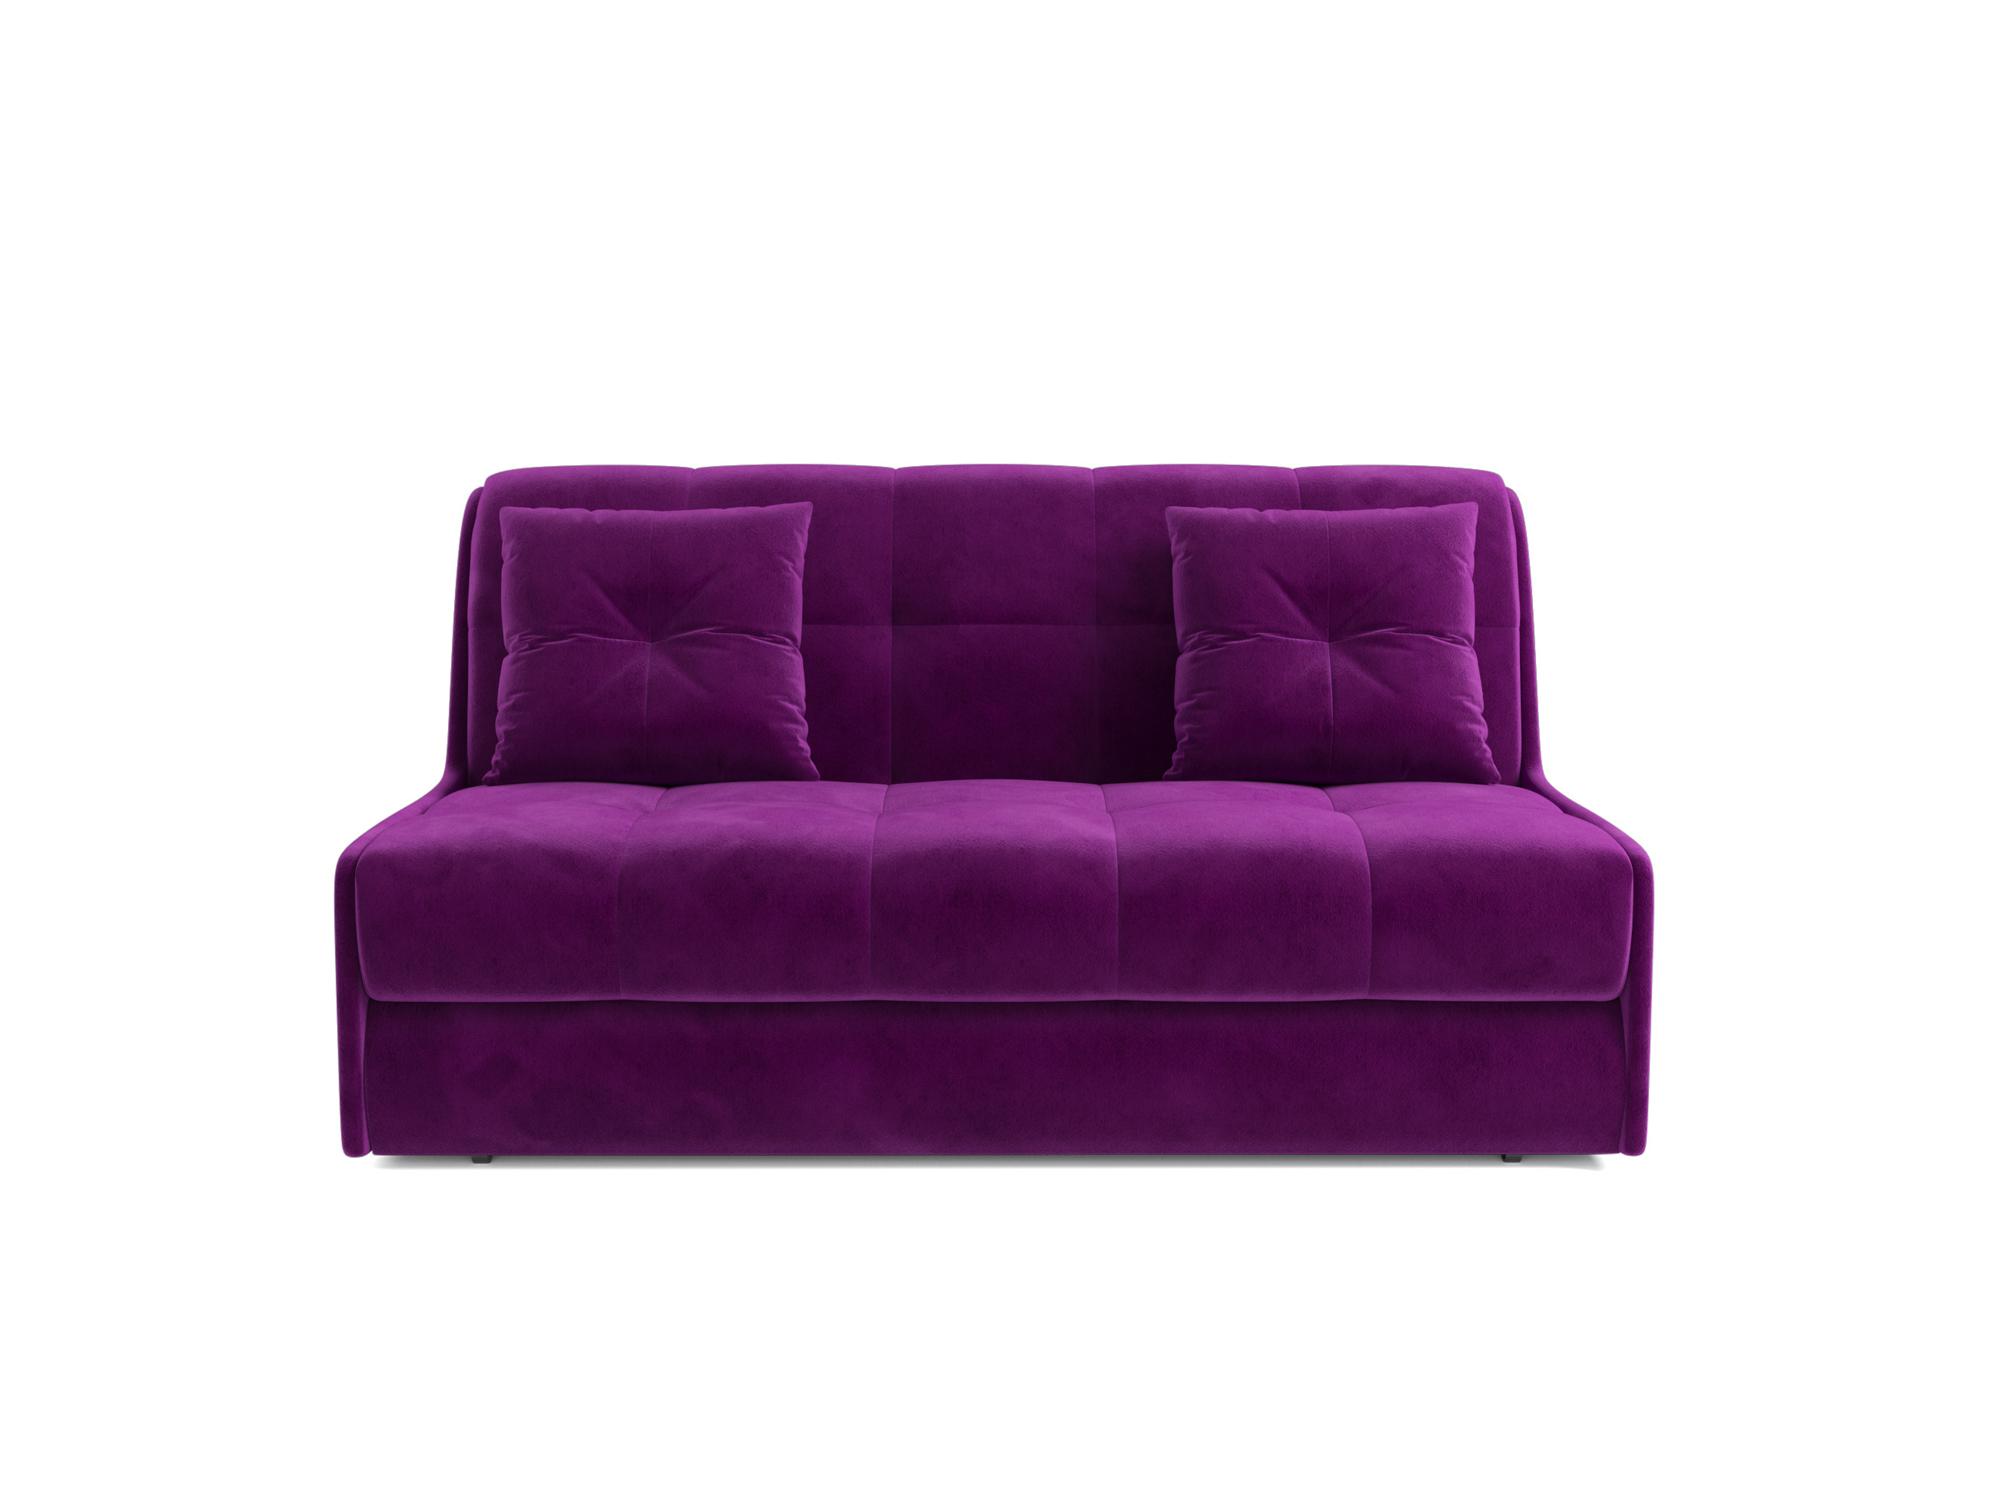 Диван Барон 2 MebelVia Фиолетовый, Микровельвет, ДСП, Массив сосны, Мет Фиолетовый